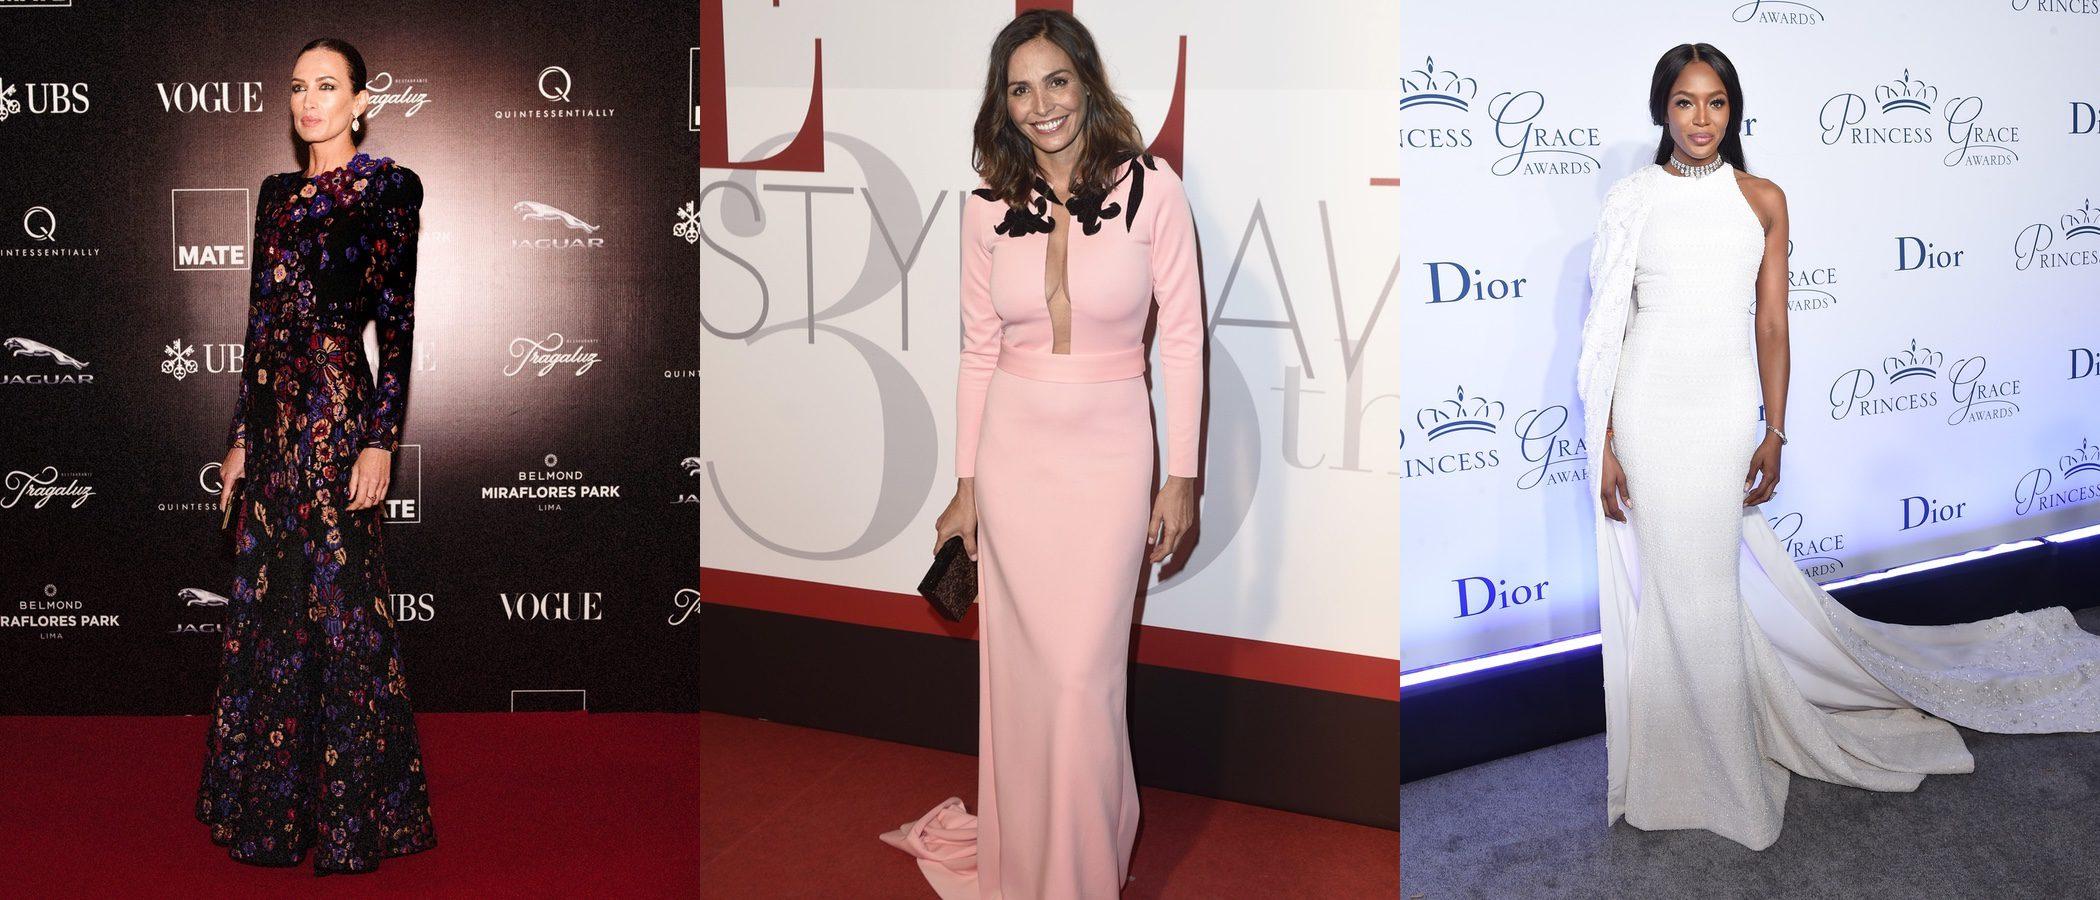 Inés Sastre, Naomi Campbell y Nieves Álvarez triunfan entre las mejor vestidas de la semana